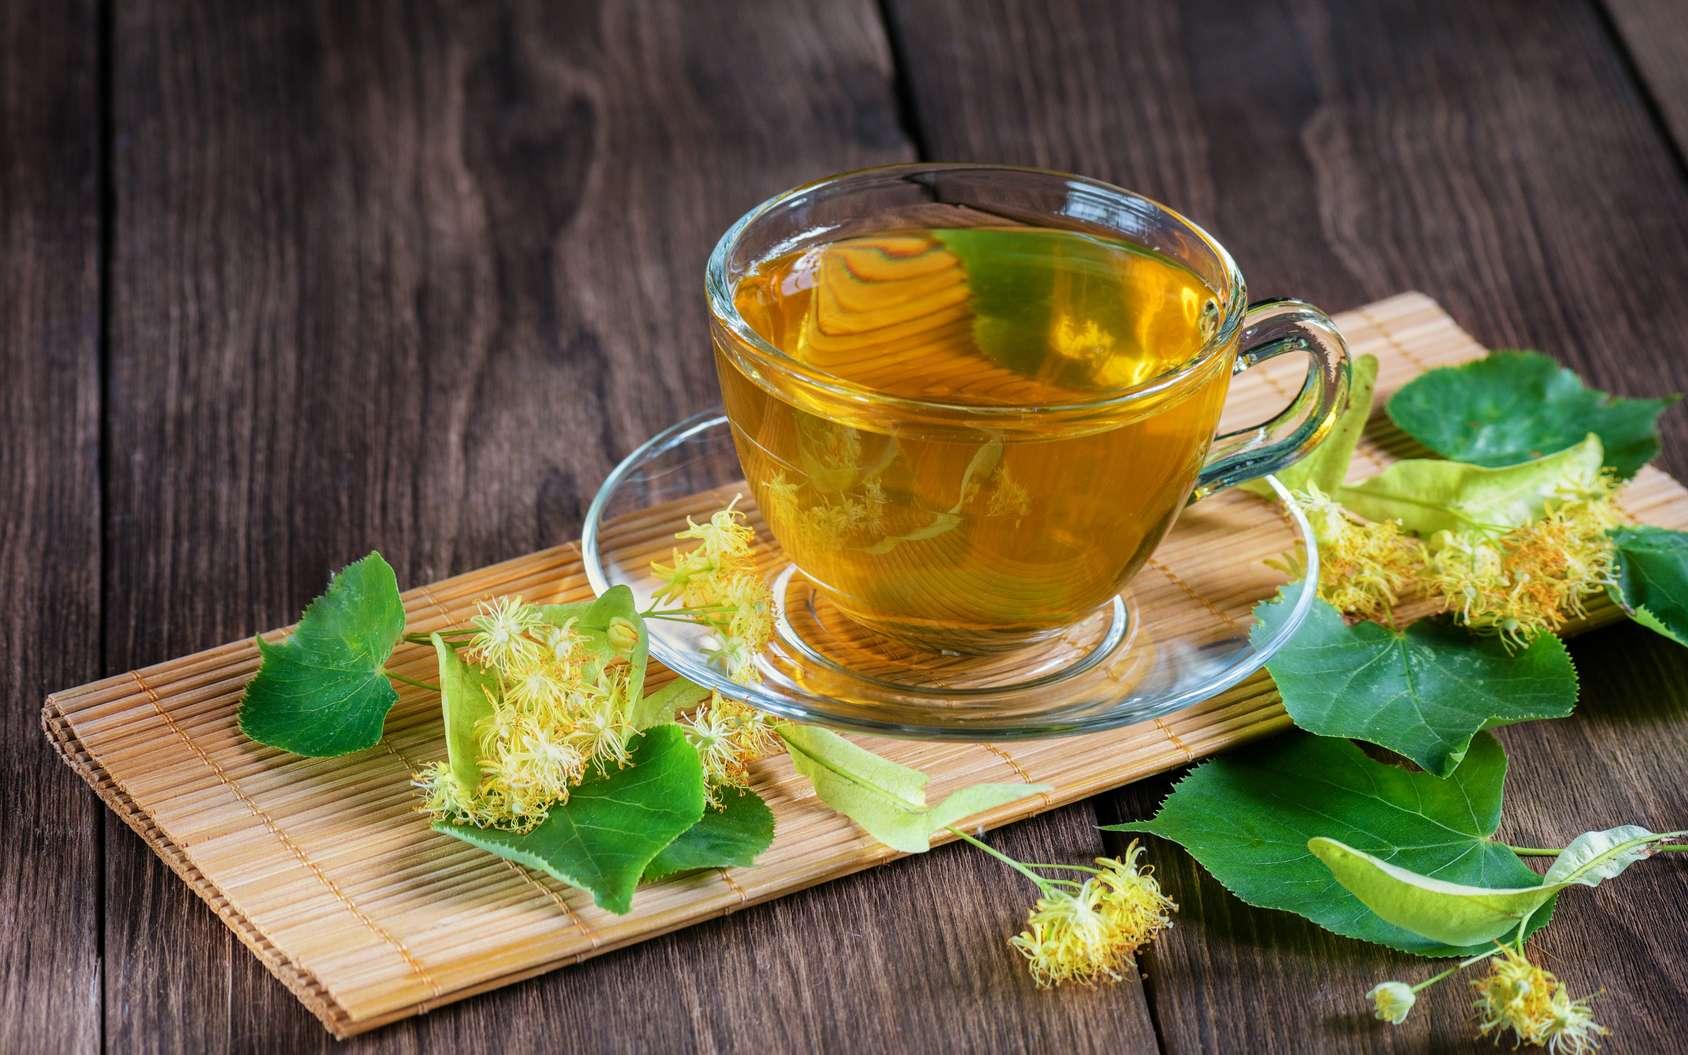 La combinaison d'un polyphénol extrait des feuilles de thé vert et de l'antibiotique aztréonam serait plus efficace pour traiter des infections bactériennes graves, voire mortelles. © Андрей Прилуцкий/Fotolia